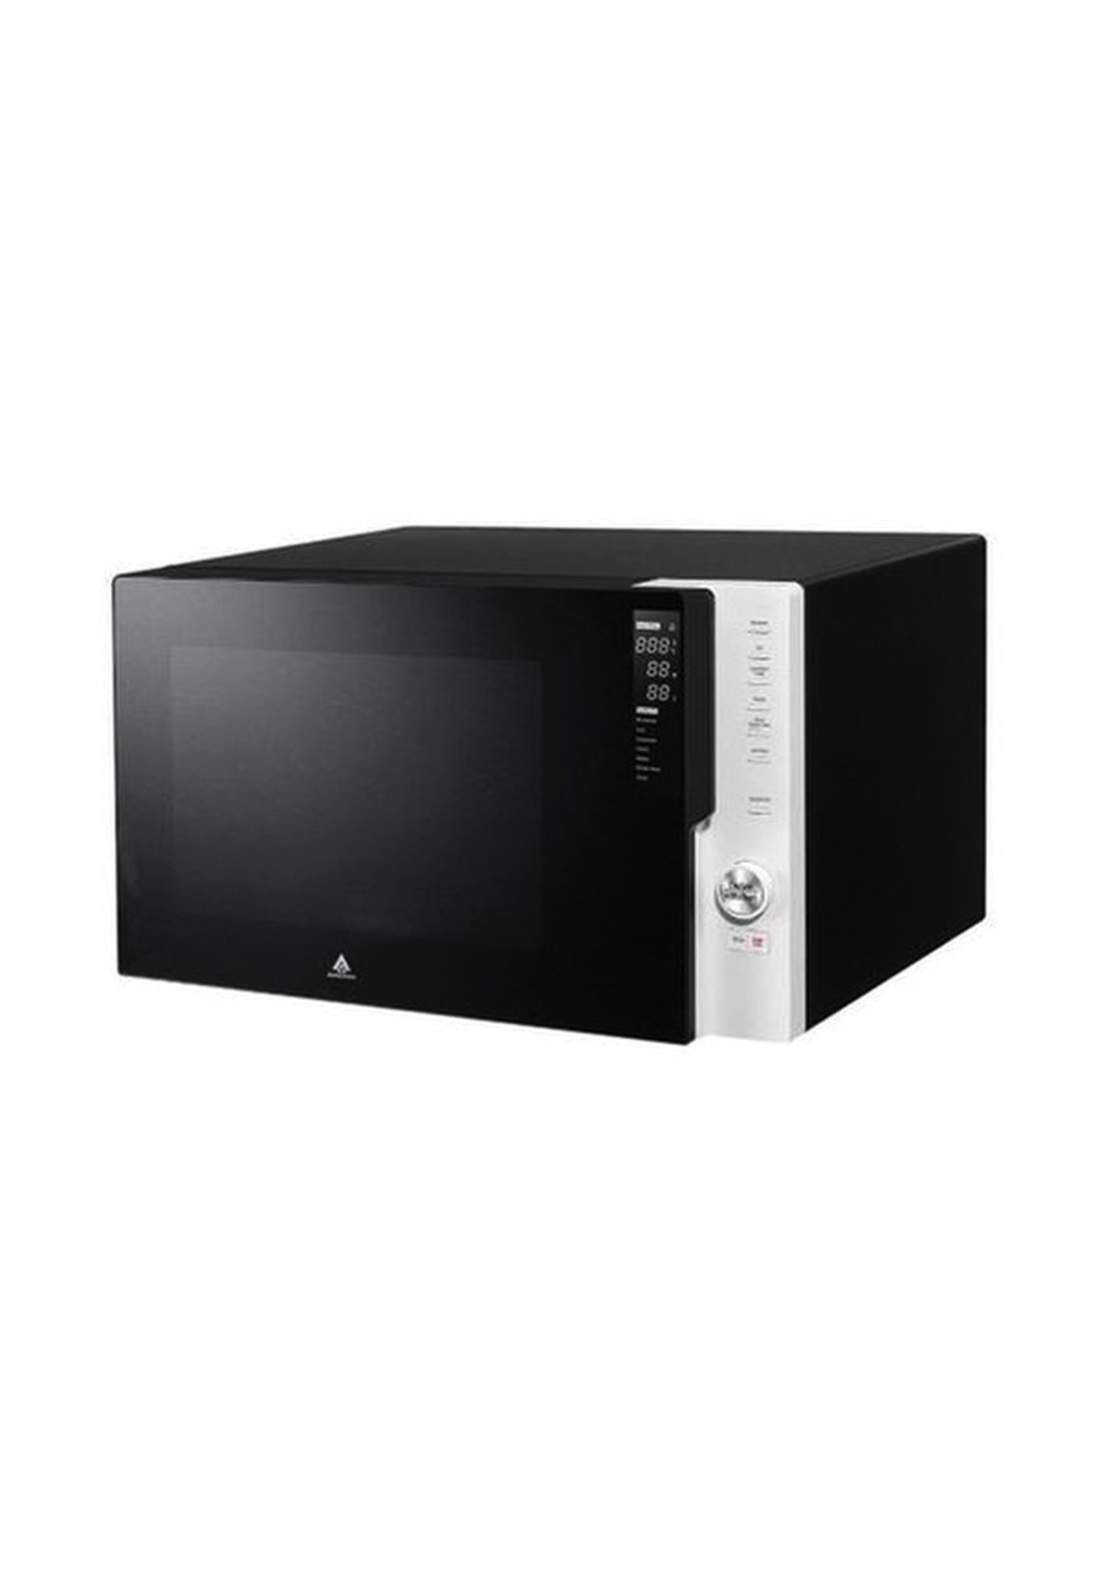 Alhafidh-MWHA-30G4C Solo Microwave Oven 30L مايكرويف